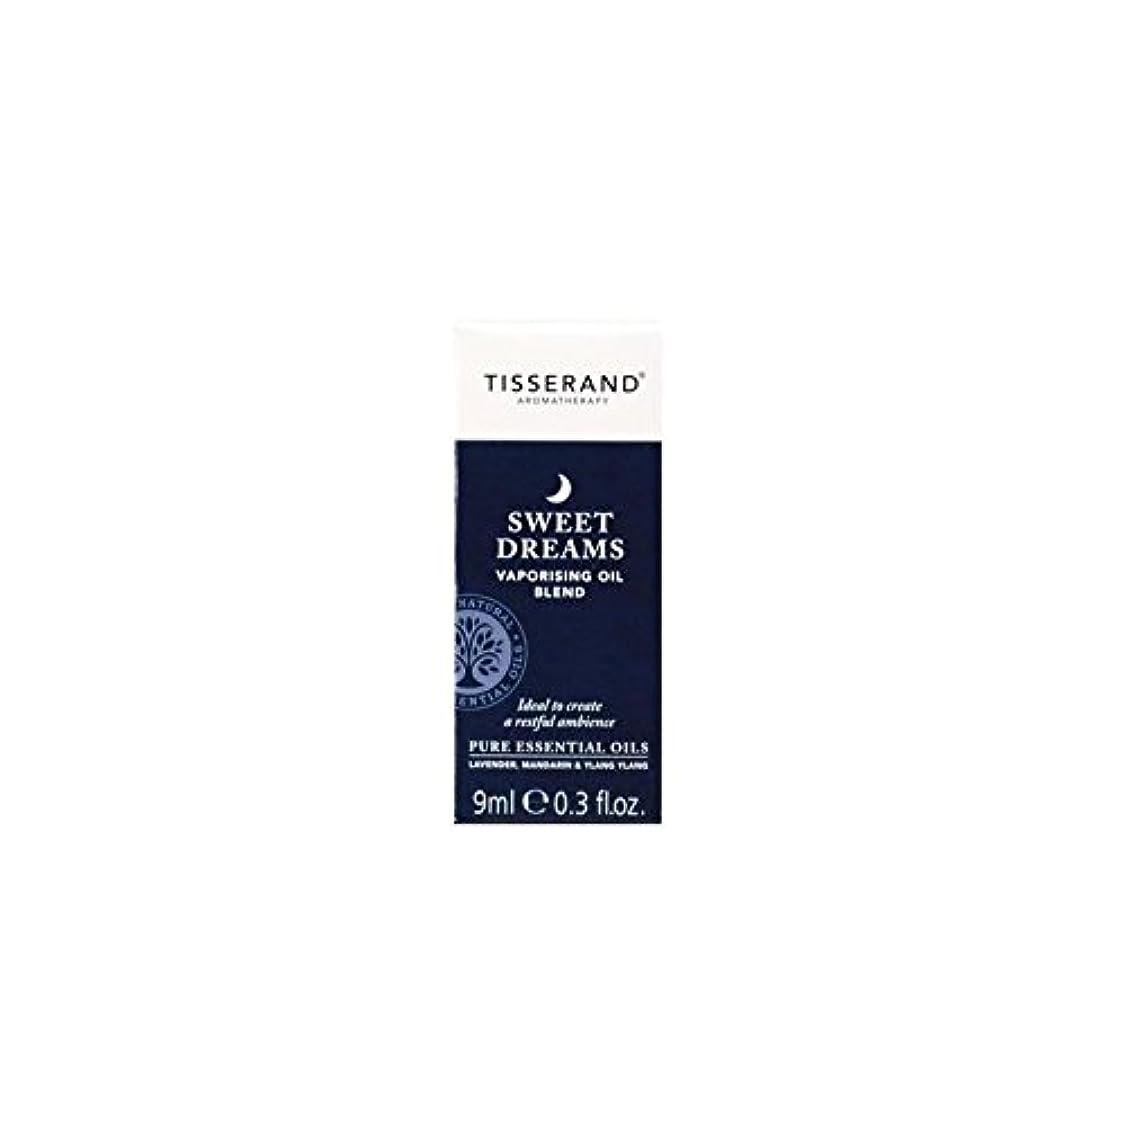 欠点アルネ先史時代のオイル9ミリリットルを気化甘い夢 (Tisserand) (x 6) - Tisserand Sweet Dreams Vaporising Oil 9ml (Pack of 6) [並行輸入品]